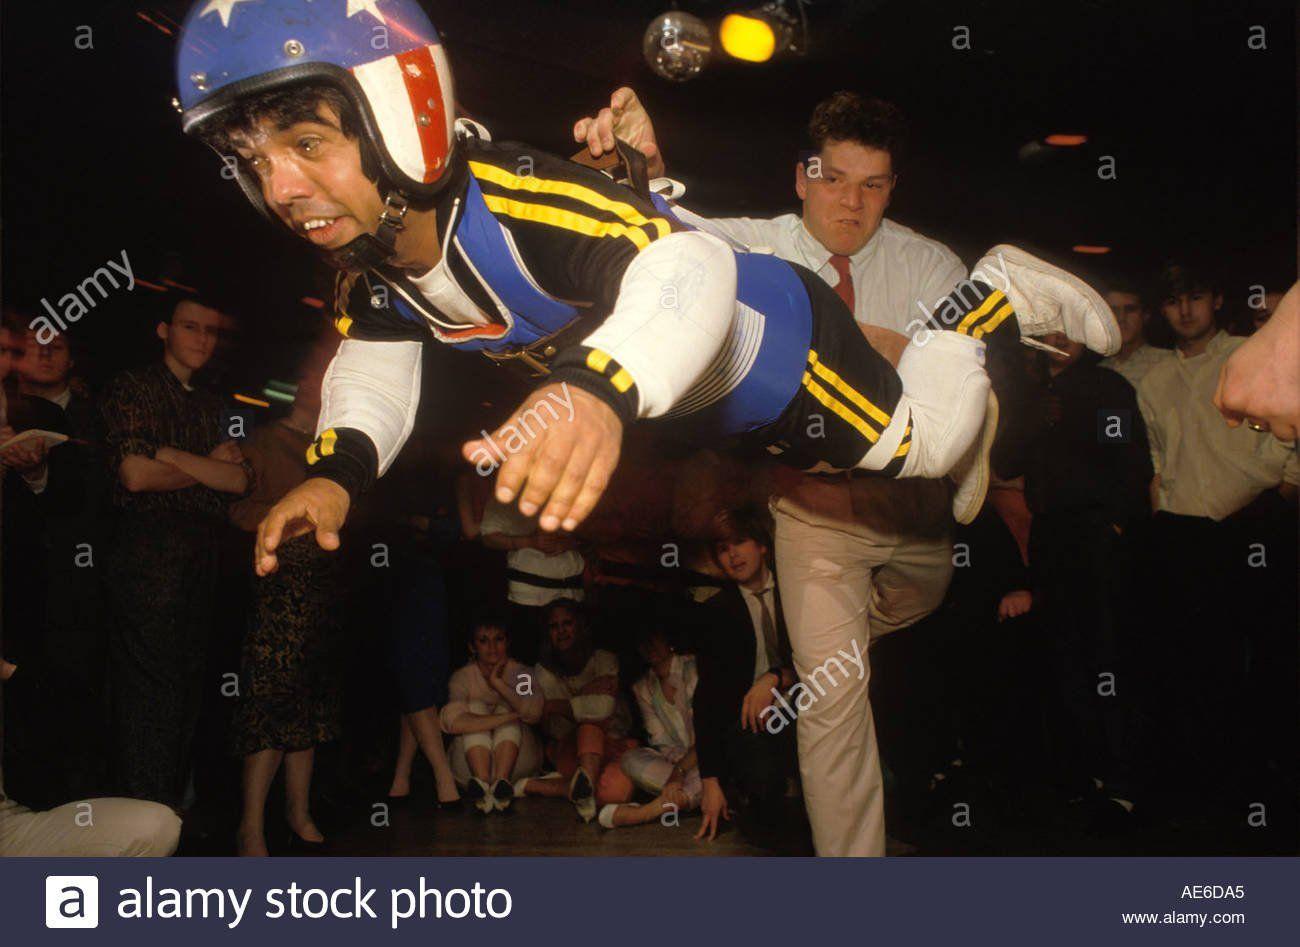 Midget throwing sport